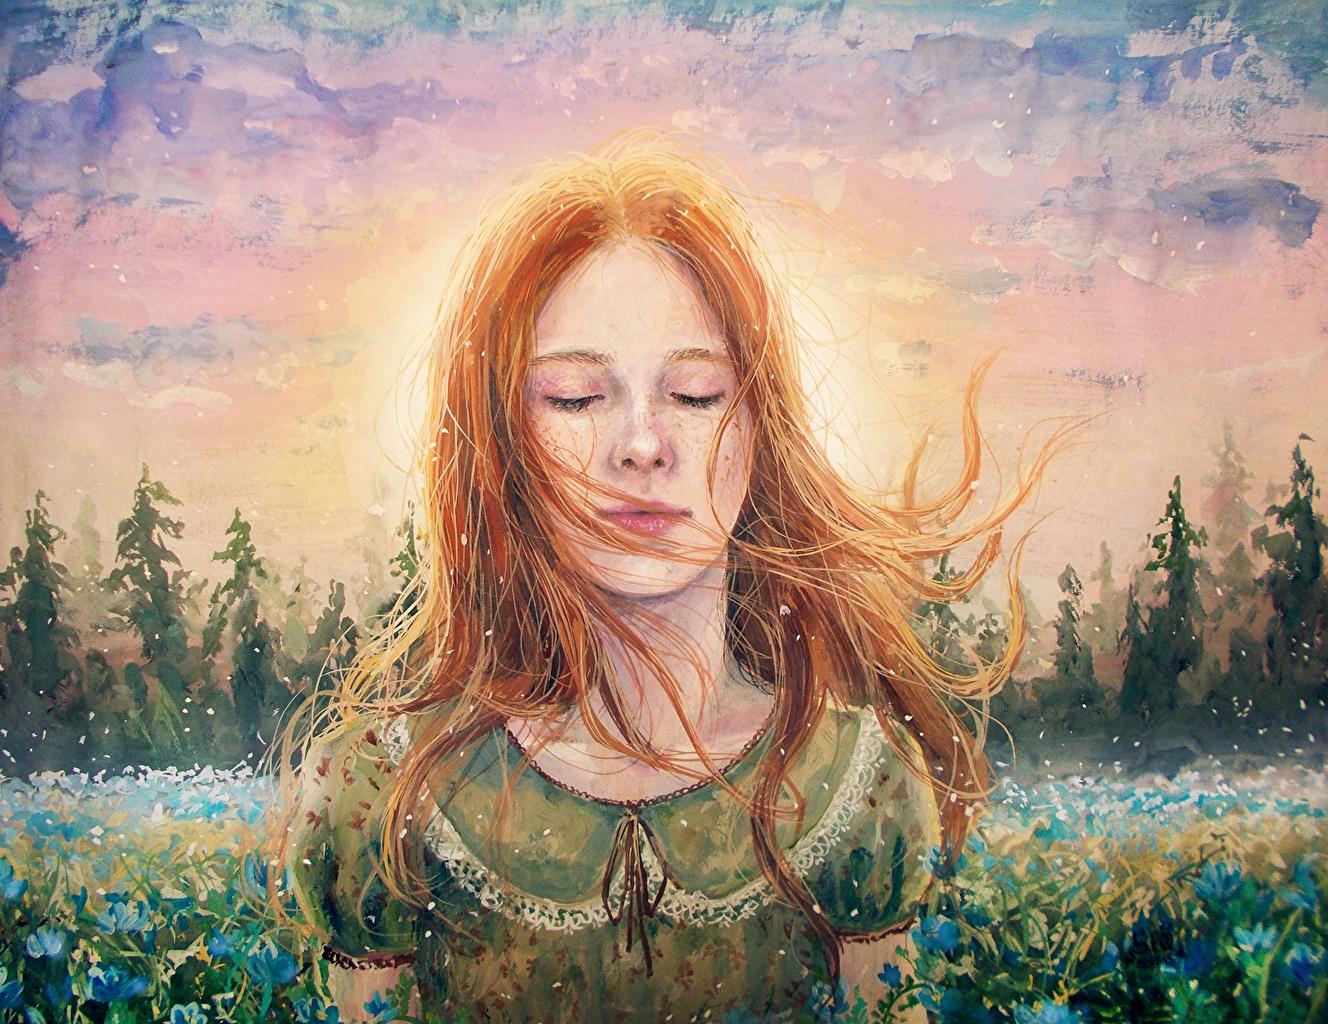 Картинки рыжих Лицо волос Девушки Рисованные рыжие Рыжая лица Волосы девушка молодая женщина молодые женщины